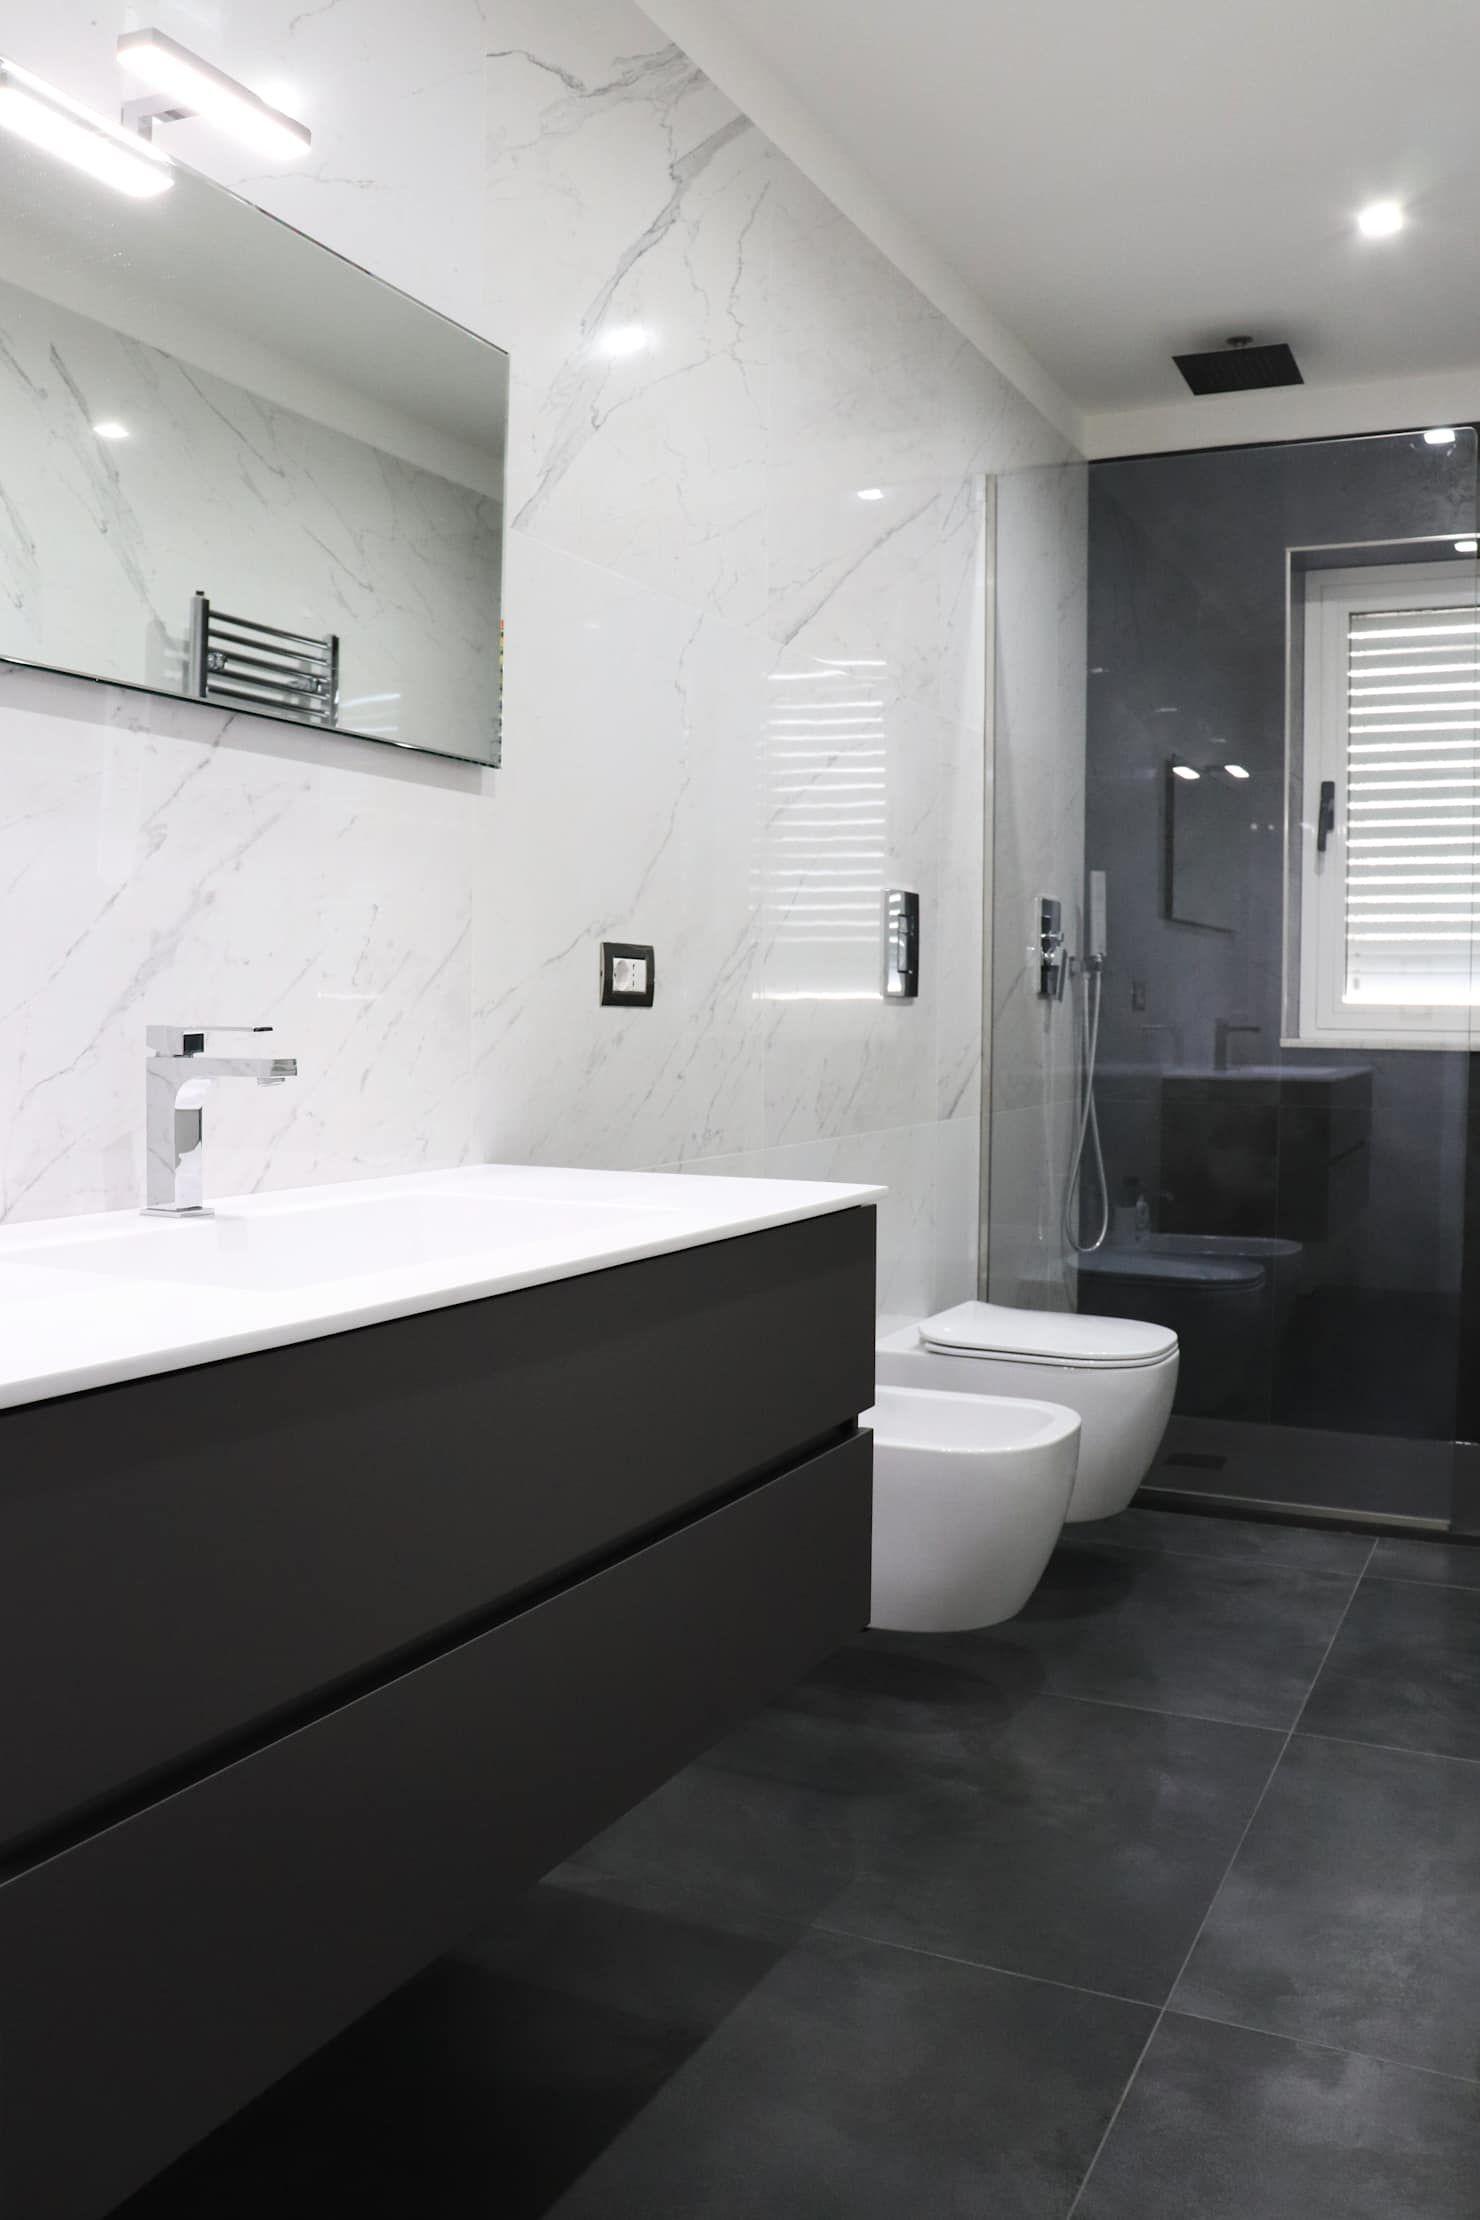 Neue Strickmode 2020 In 2020 Badezimmer Innenausstattung Modernes Badezimmerdesign Badezimmer